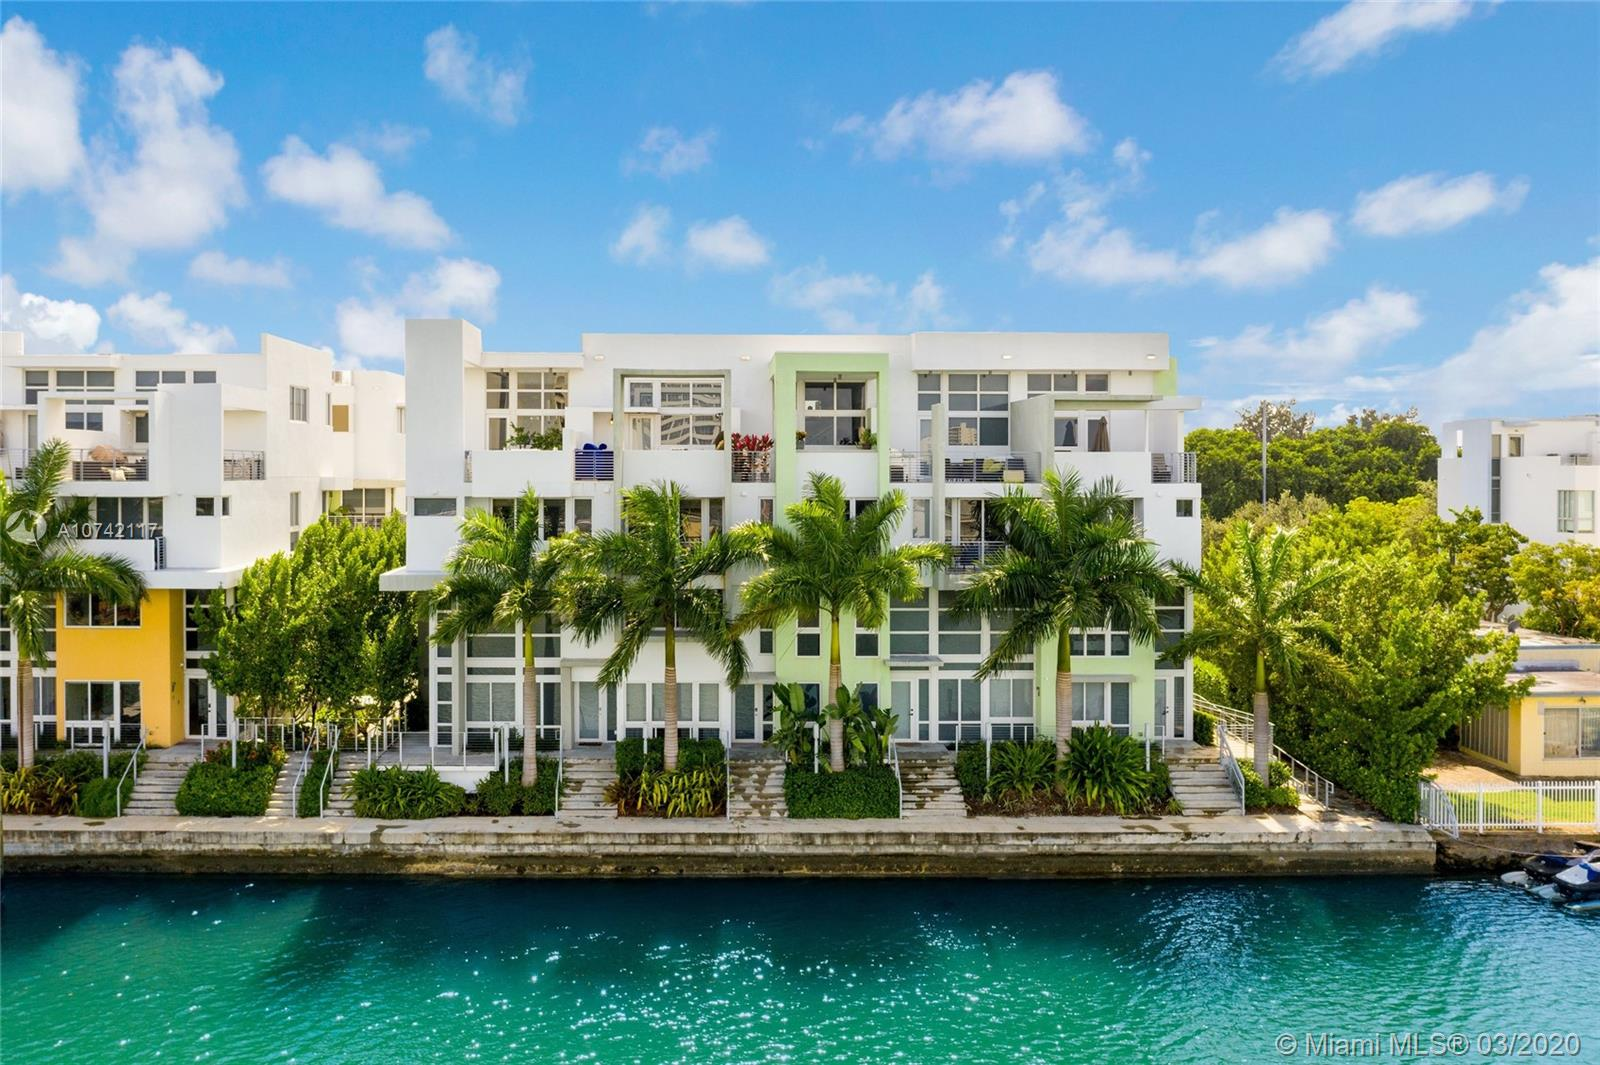 97 N Shore Dr, Miami Beach, FL 33141